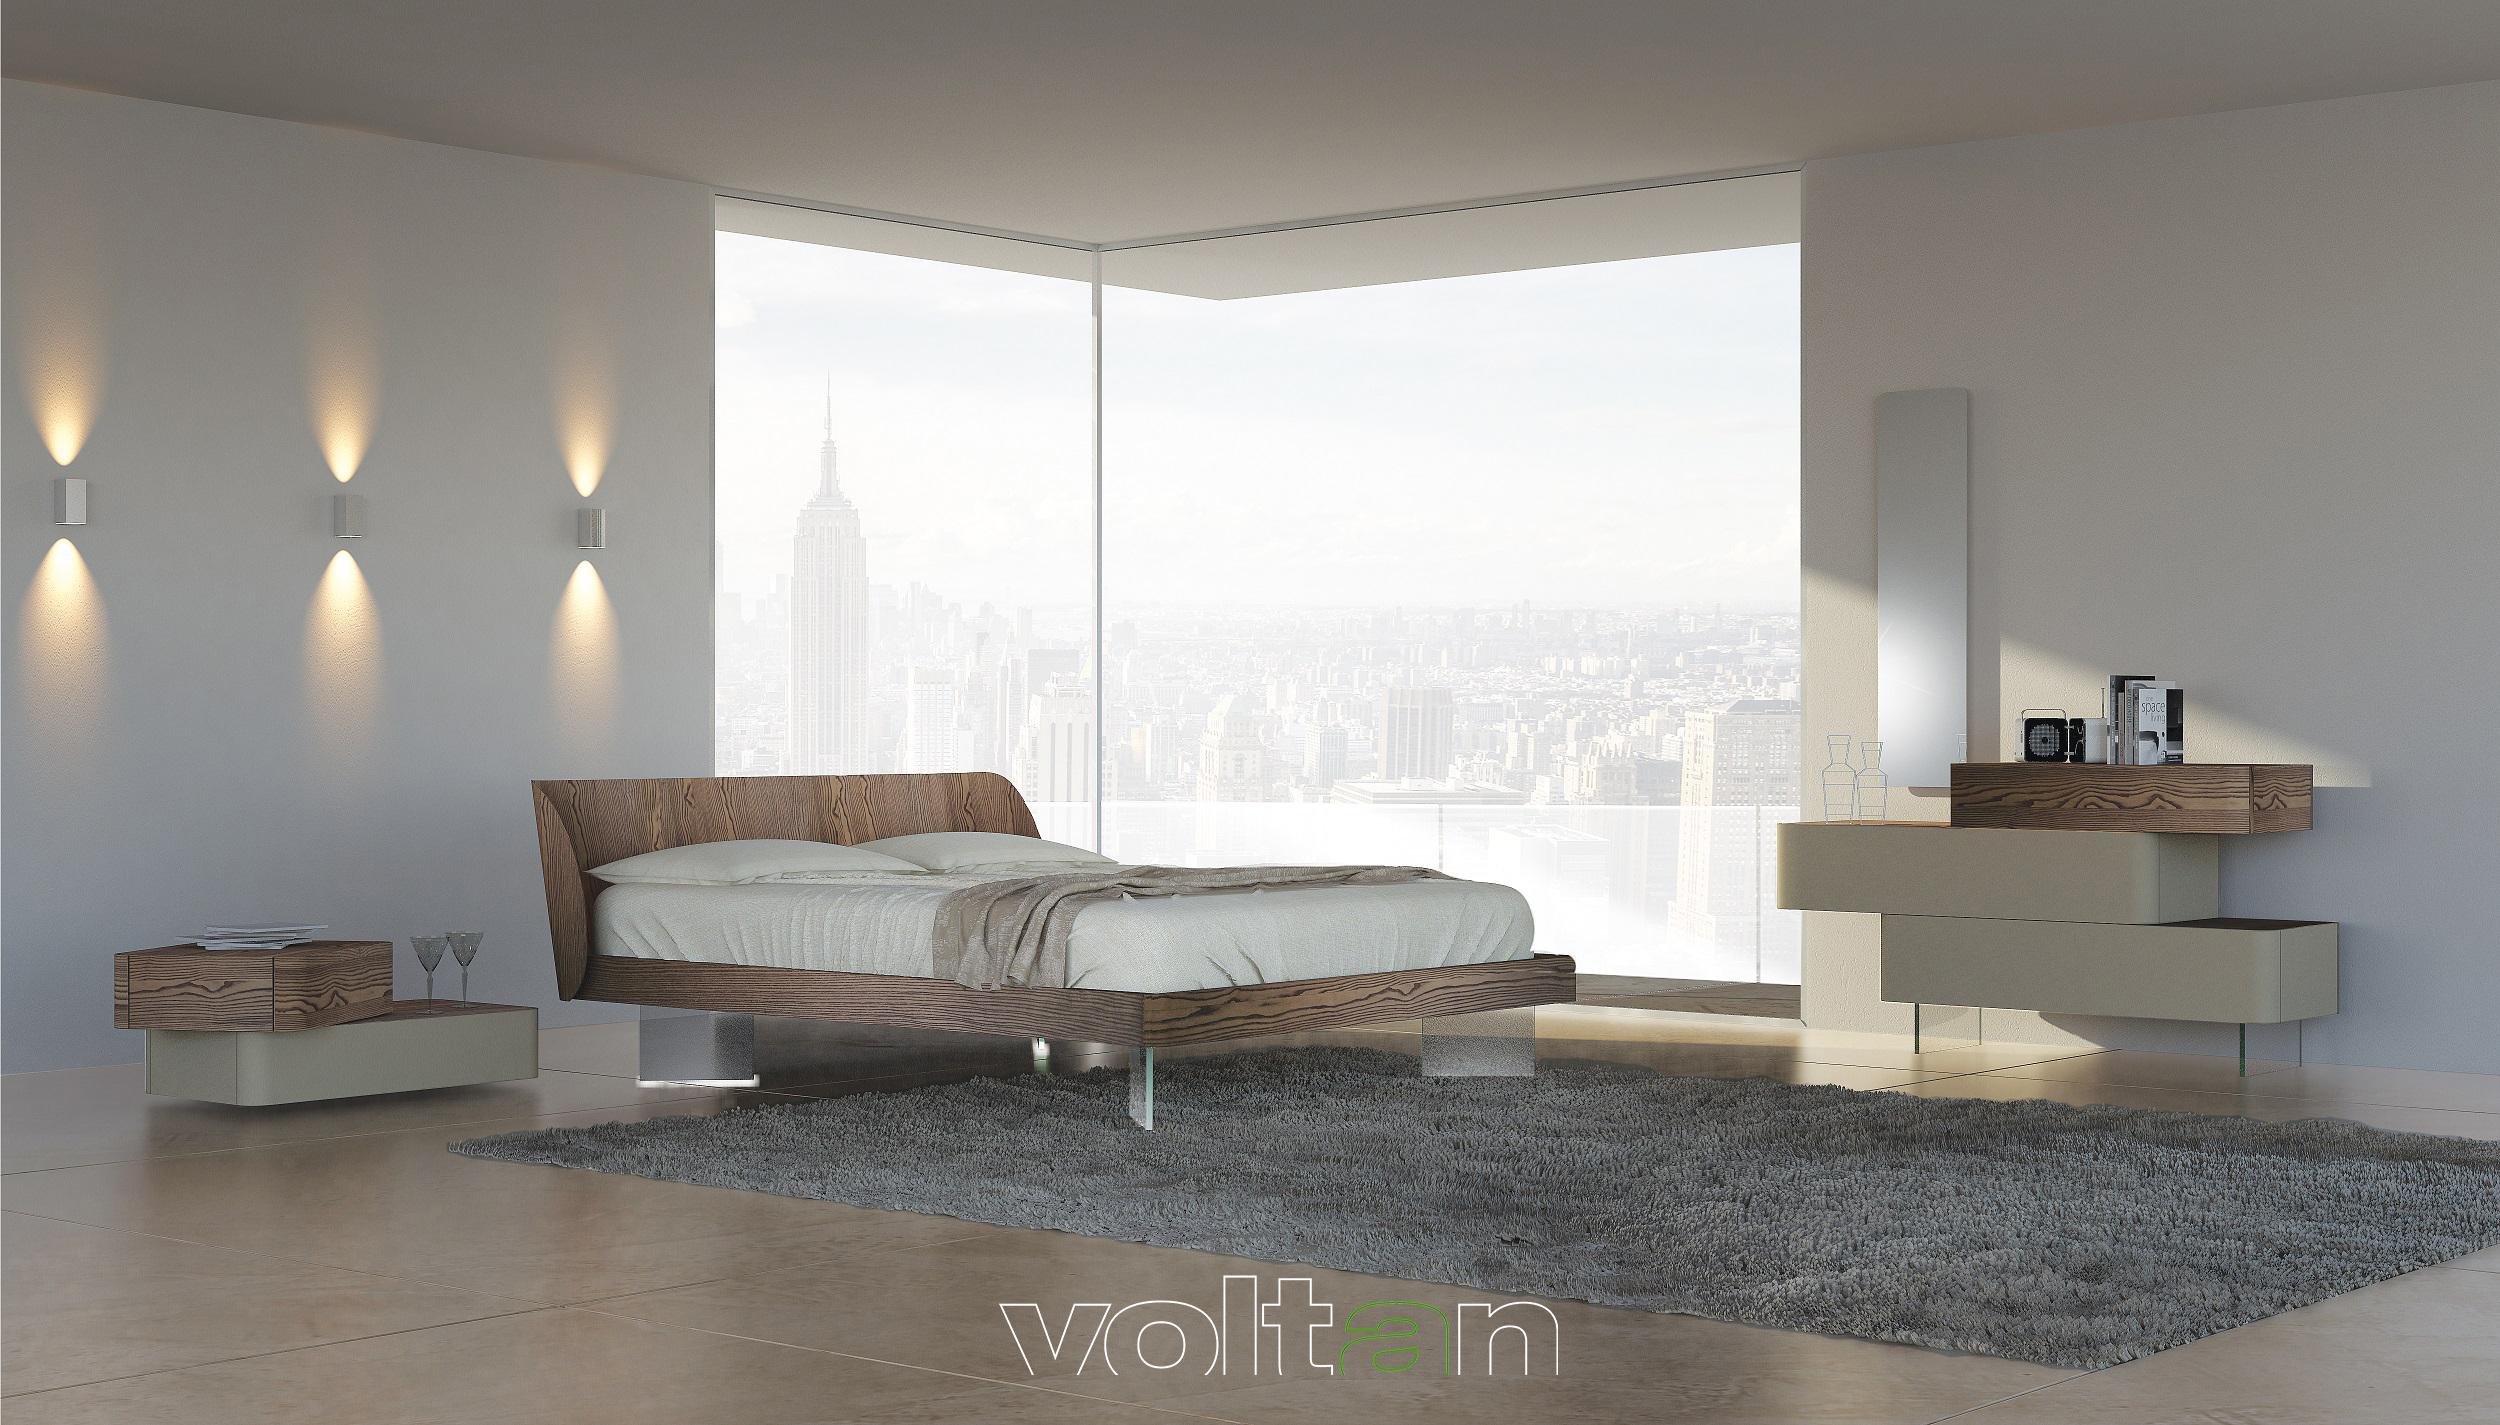 Camere Da Letto Ultramoderne camere da letto moderne contemporanee